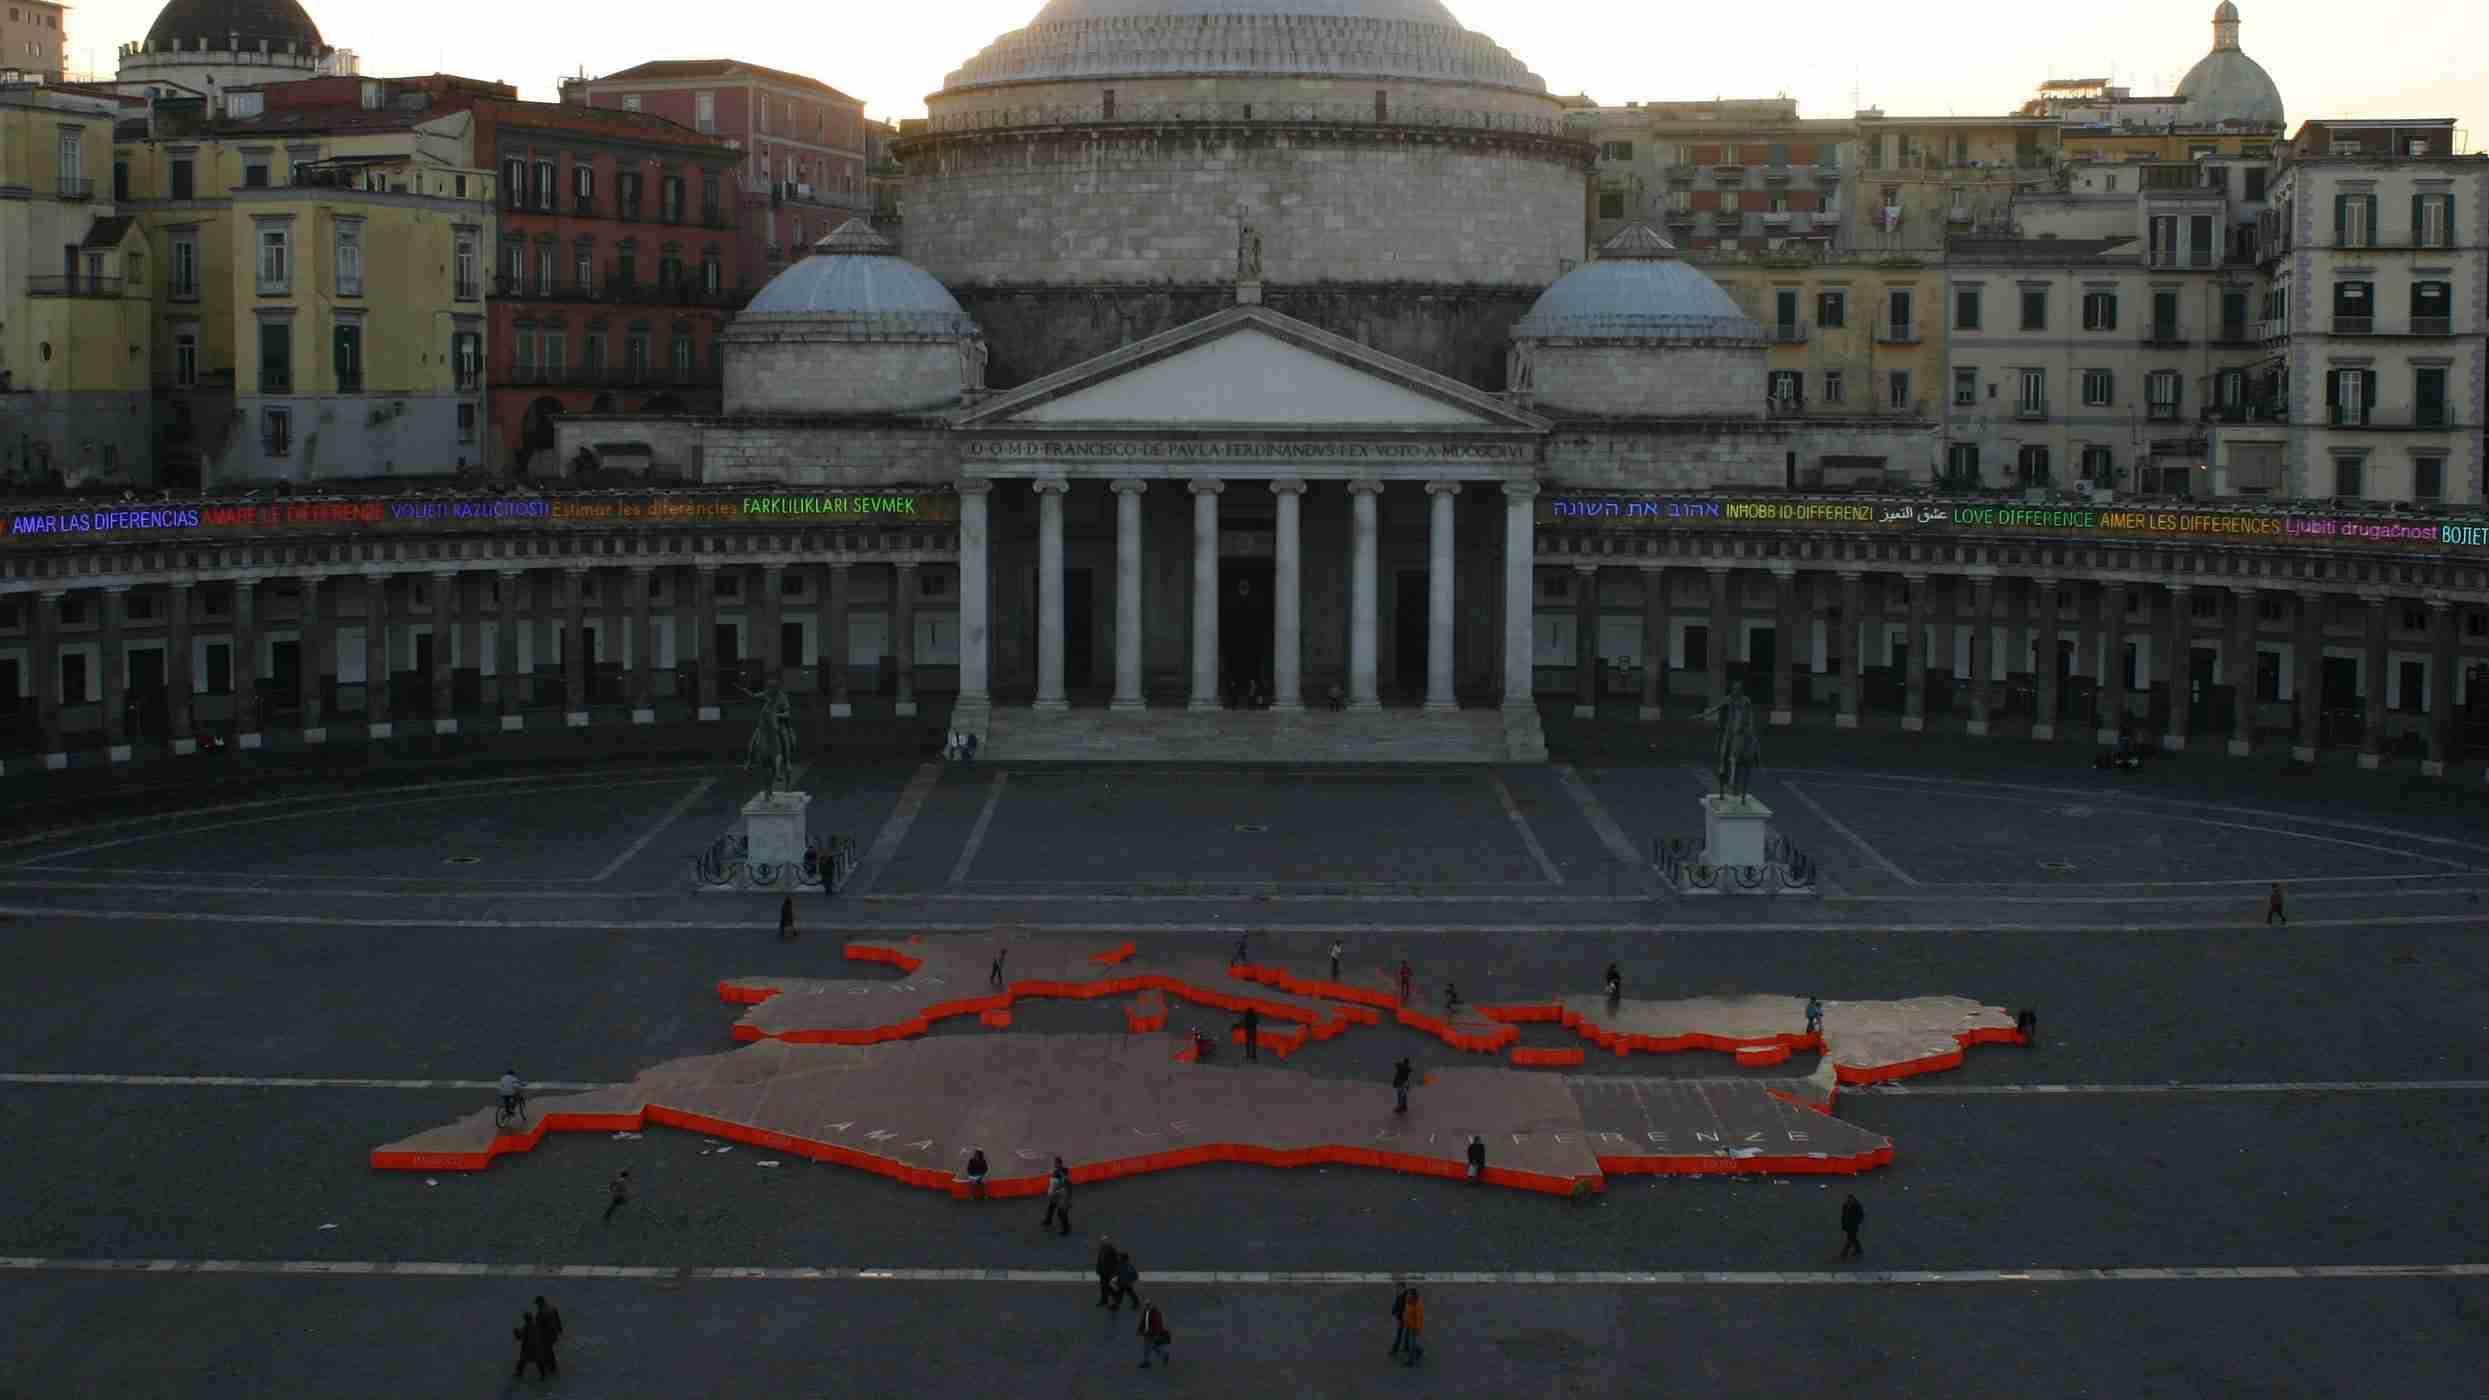 Michelangelo pistoletto piazza plebiscito